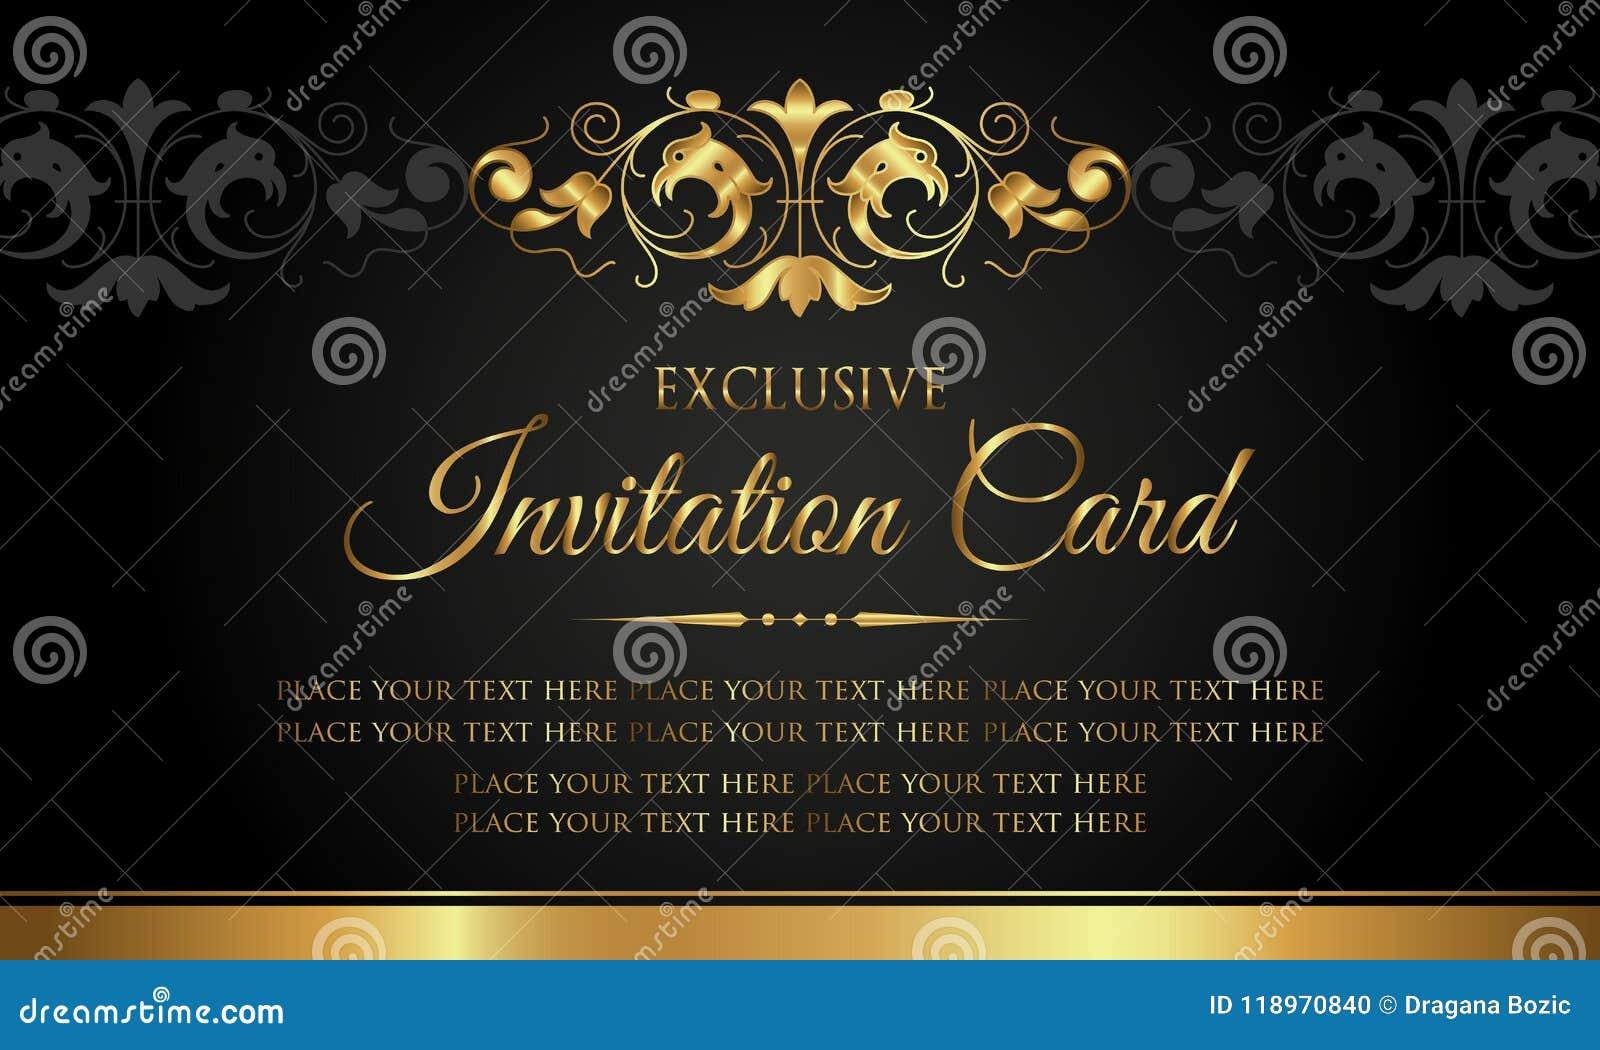 Zaproszenie karta - luksusowy czarny i złocisty rocznika styl